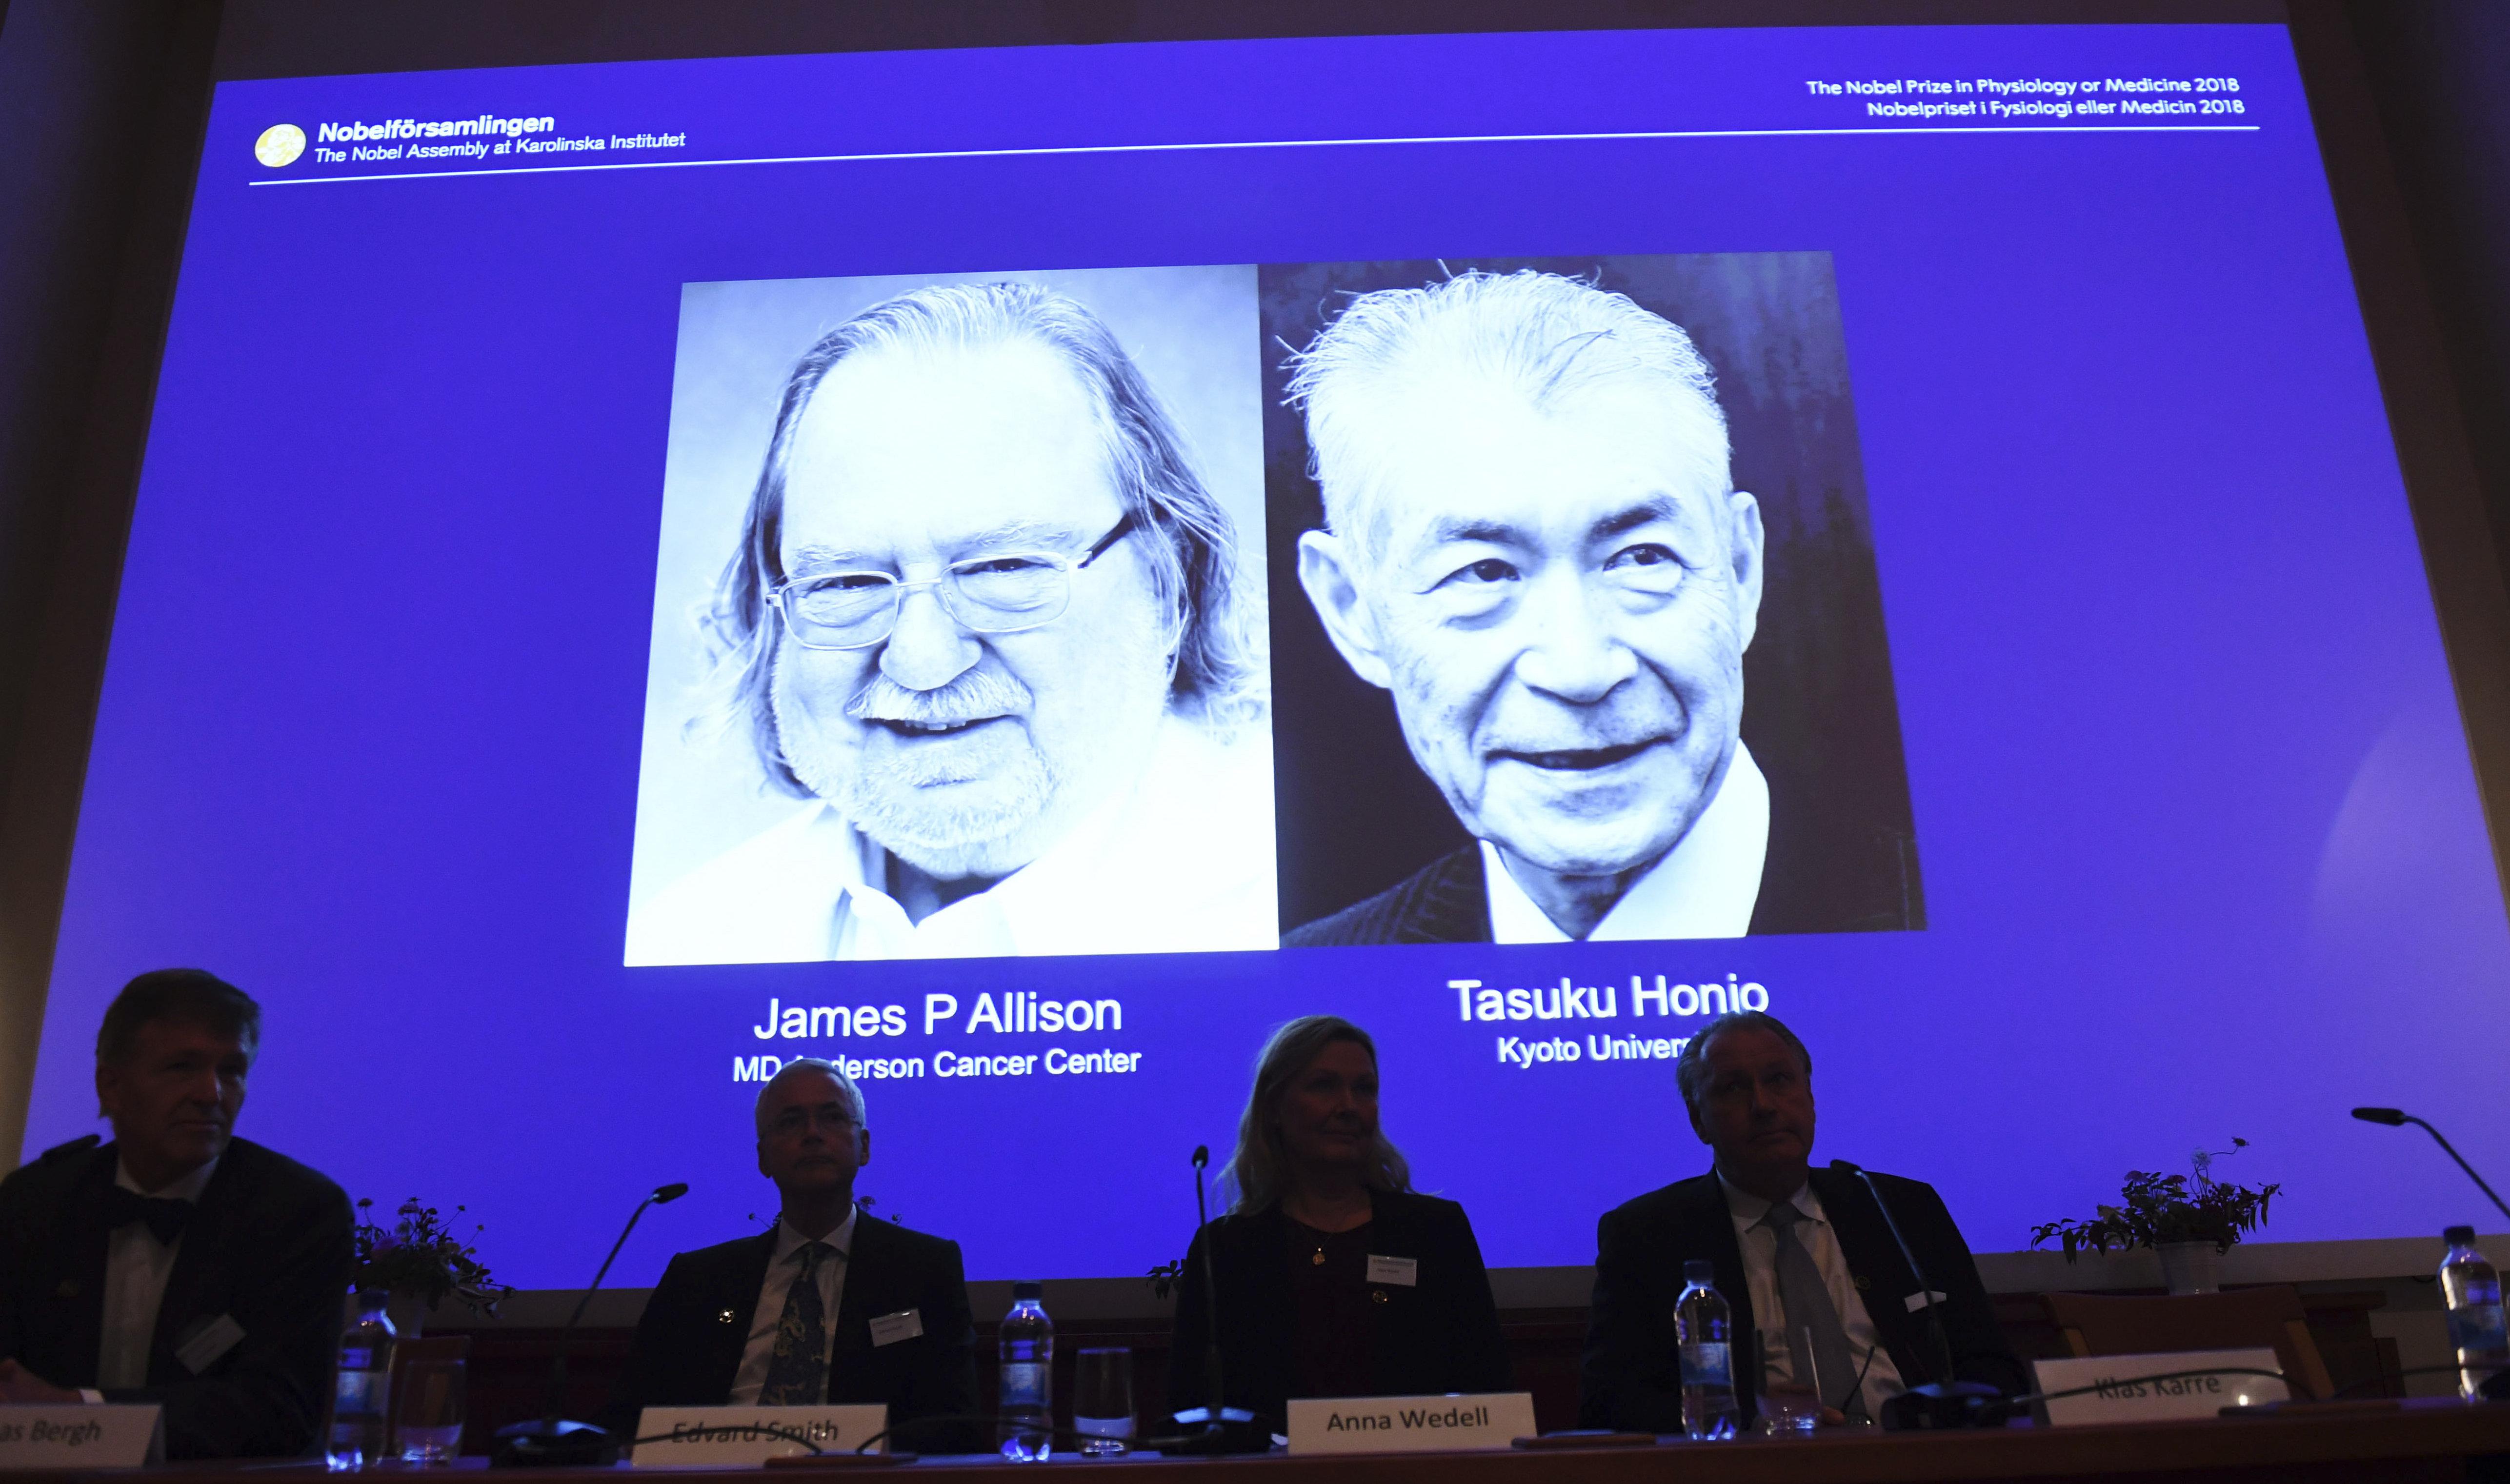 Nobel prize laureates James P. Allison, left, and Tasuku Honjo are shown during the presentation in Stockholm on Oct. 1.